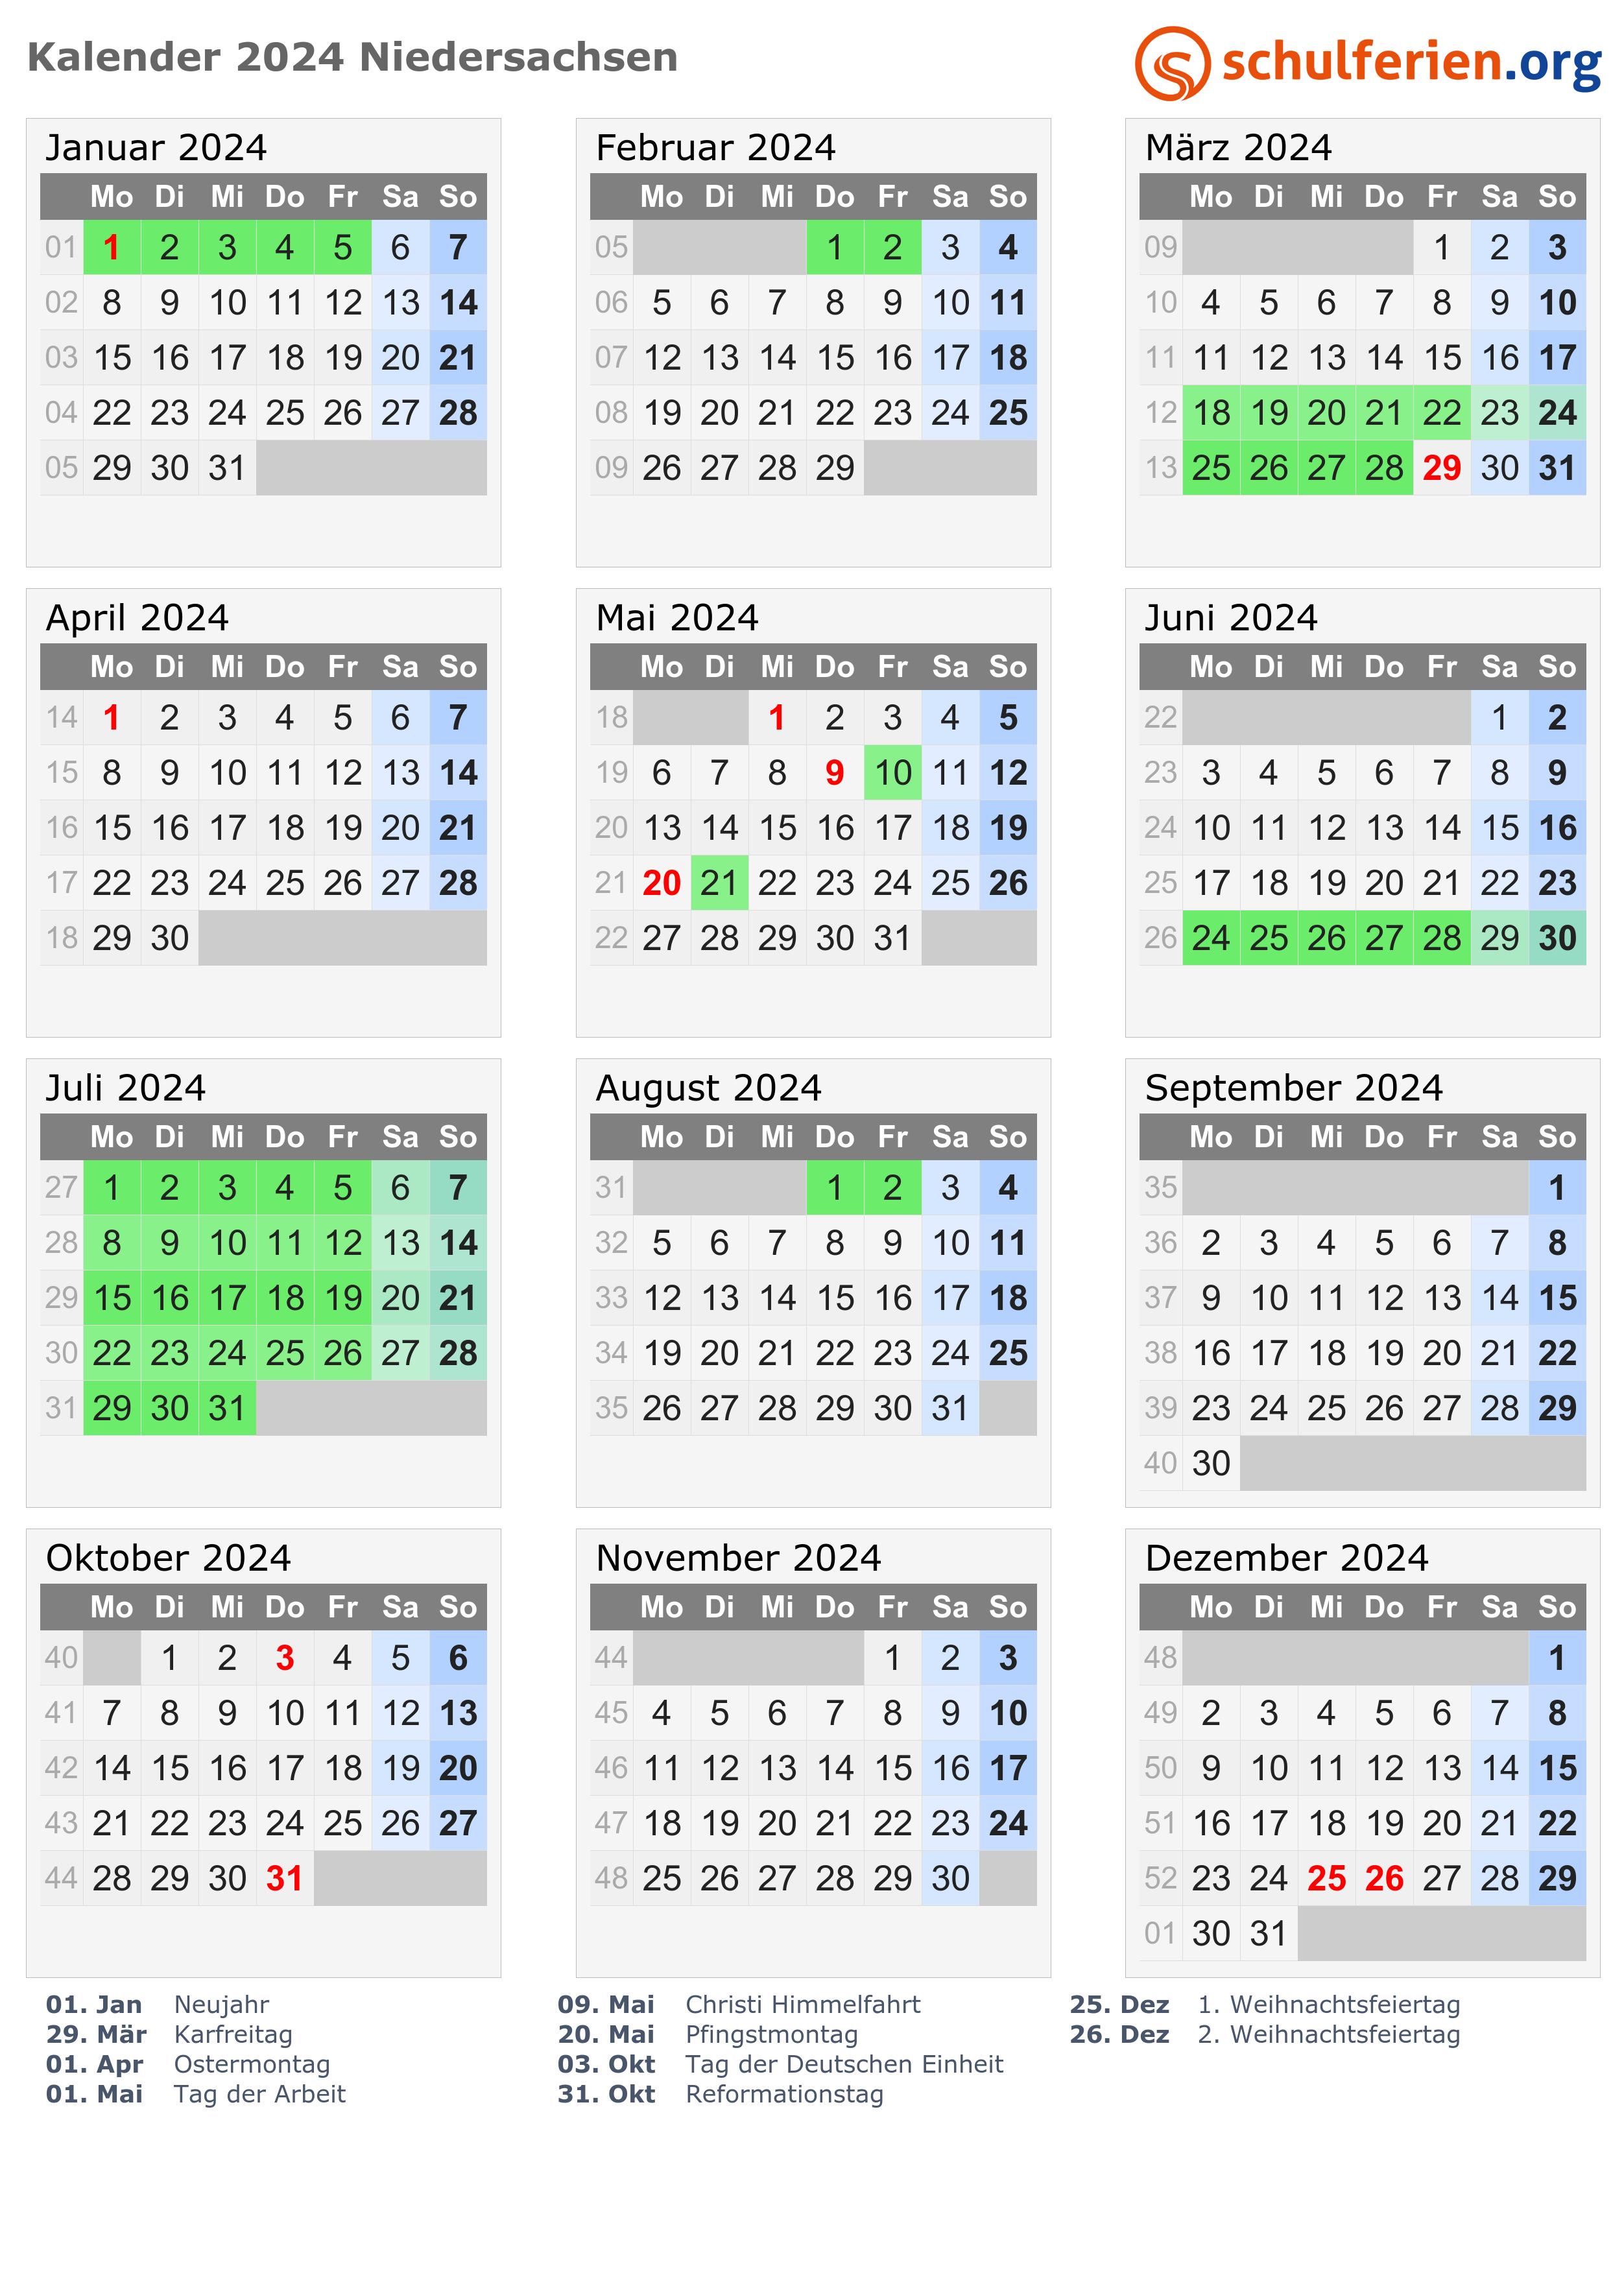 Ferien 2020 in niedersachsen